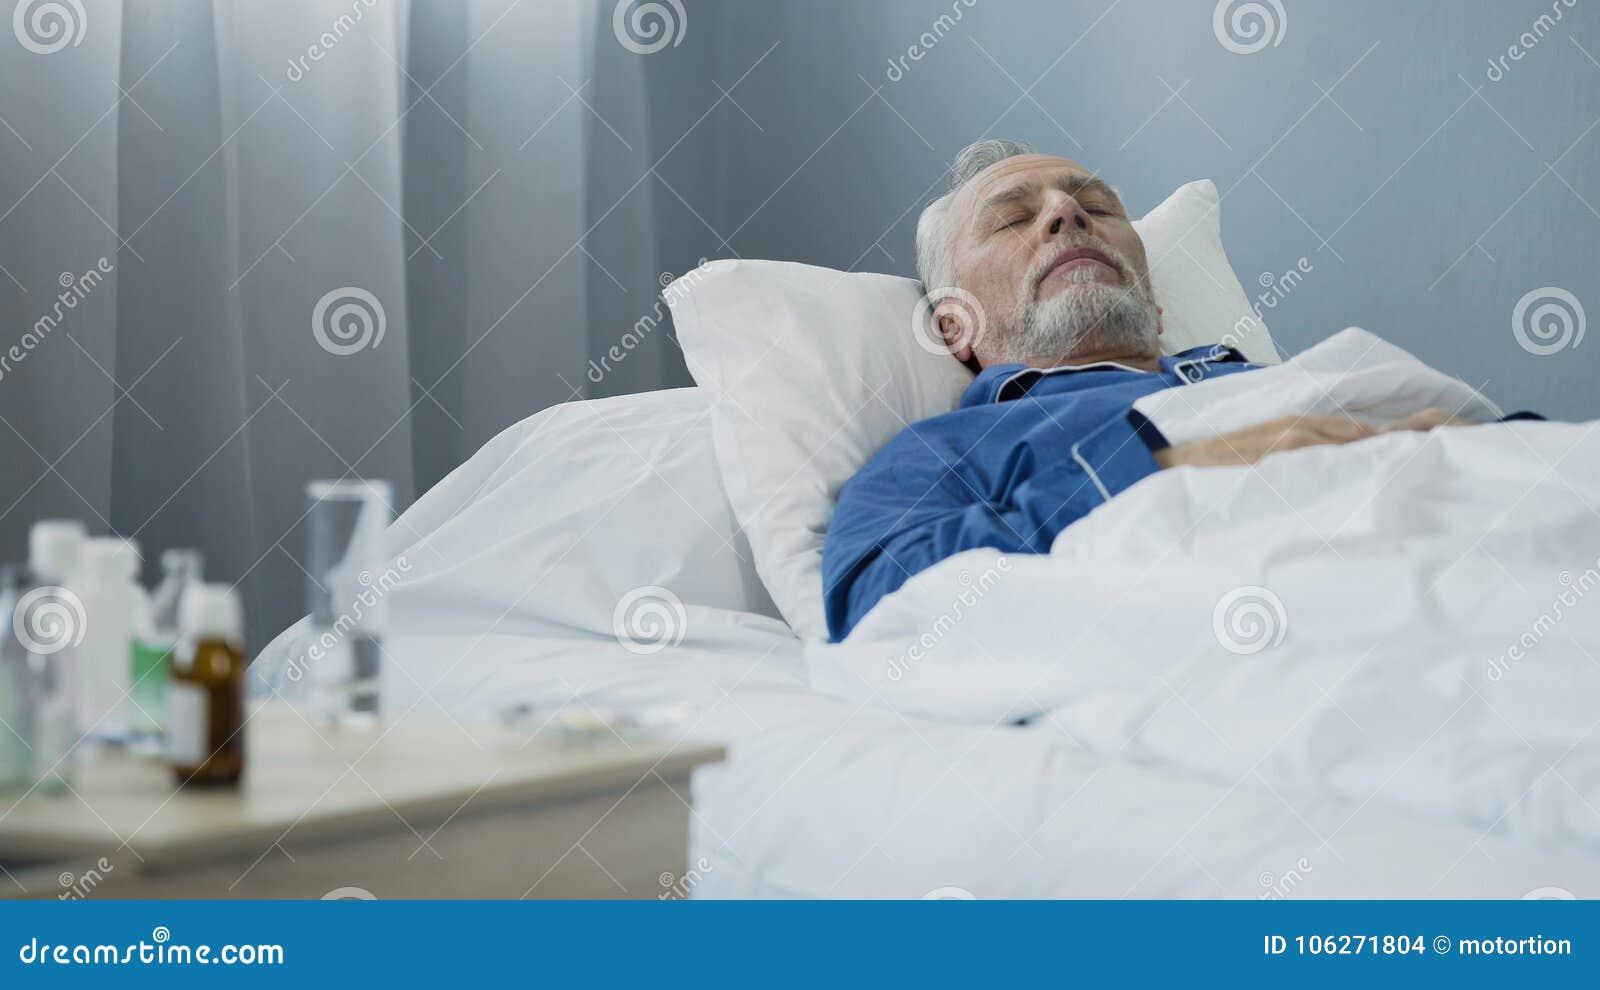 小睡在医院病床上的微弱的男性患者在采取疗程每日药量以后